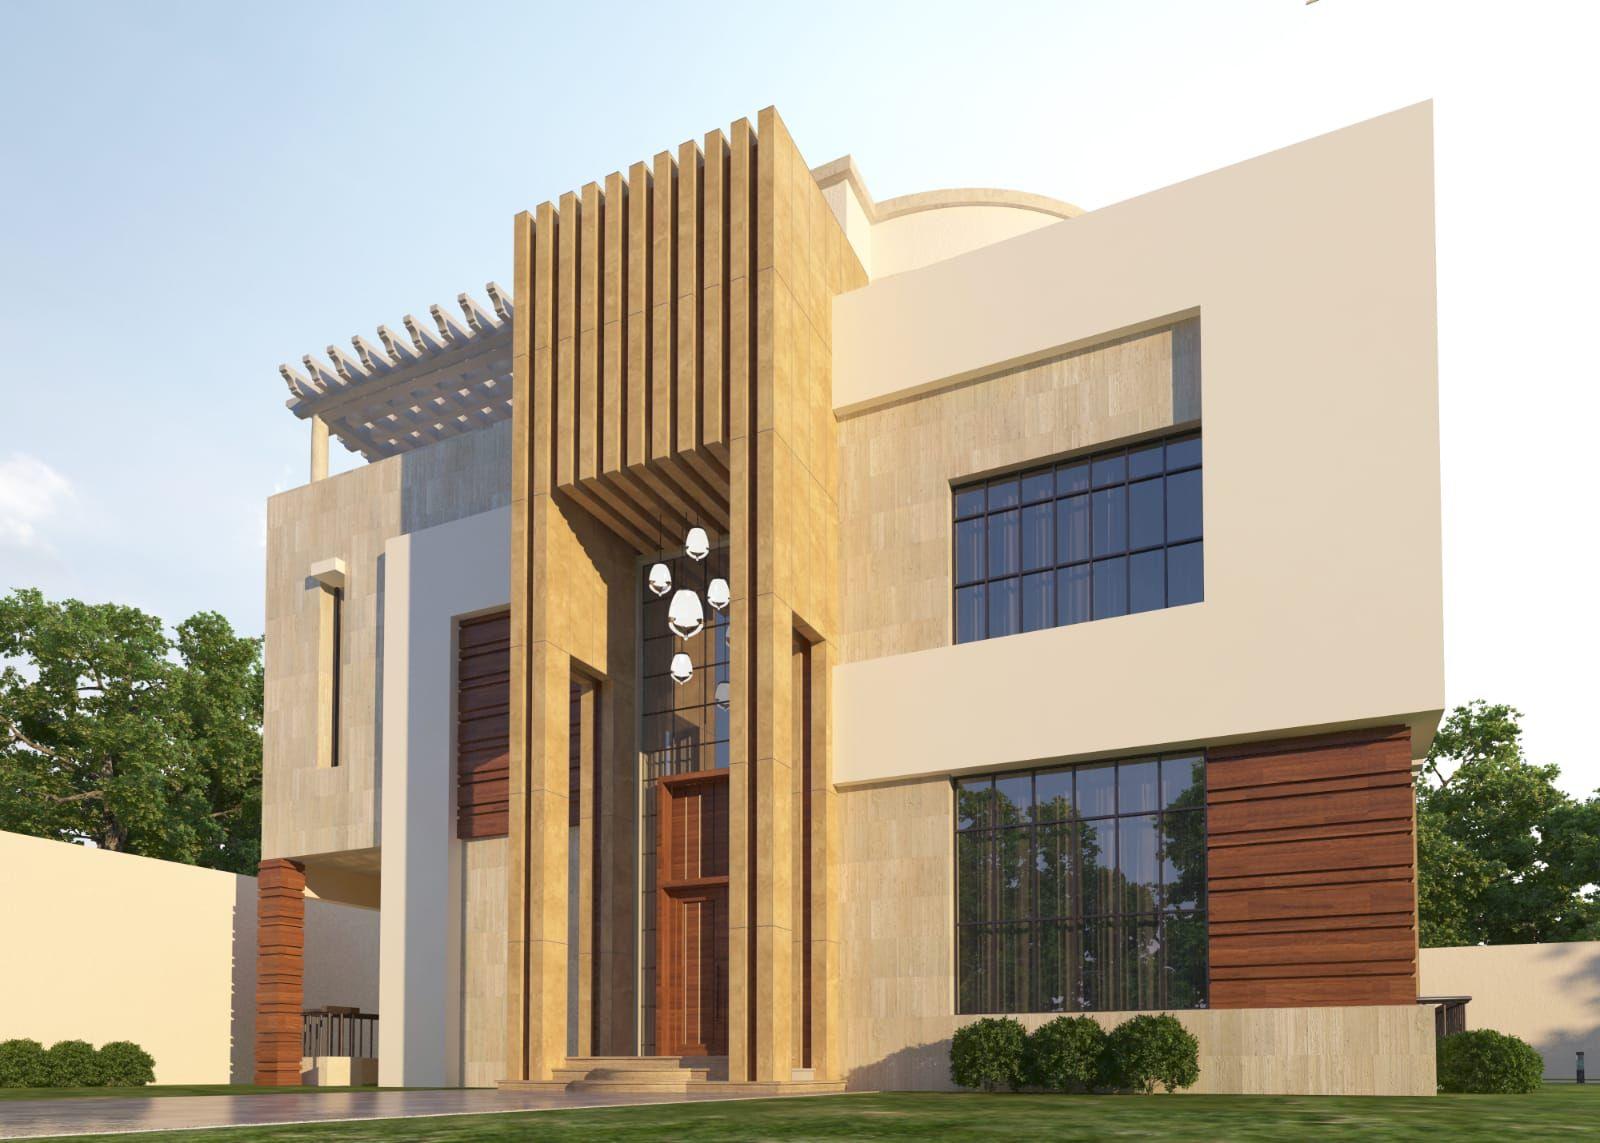 تصميم فيلا نيوكلاسيك House Styles House Building